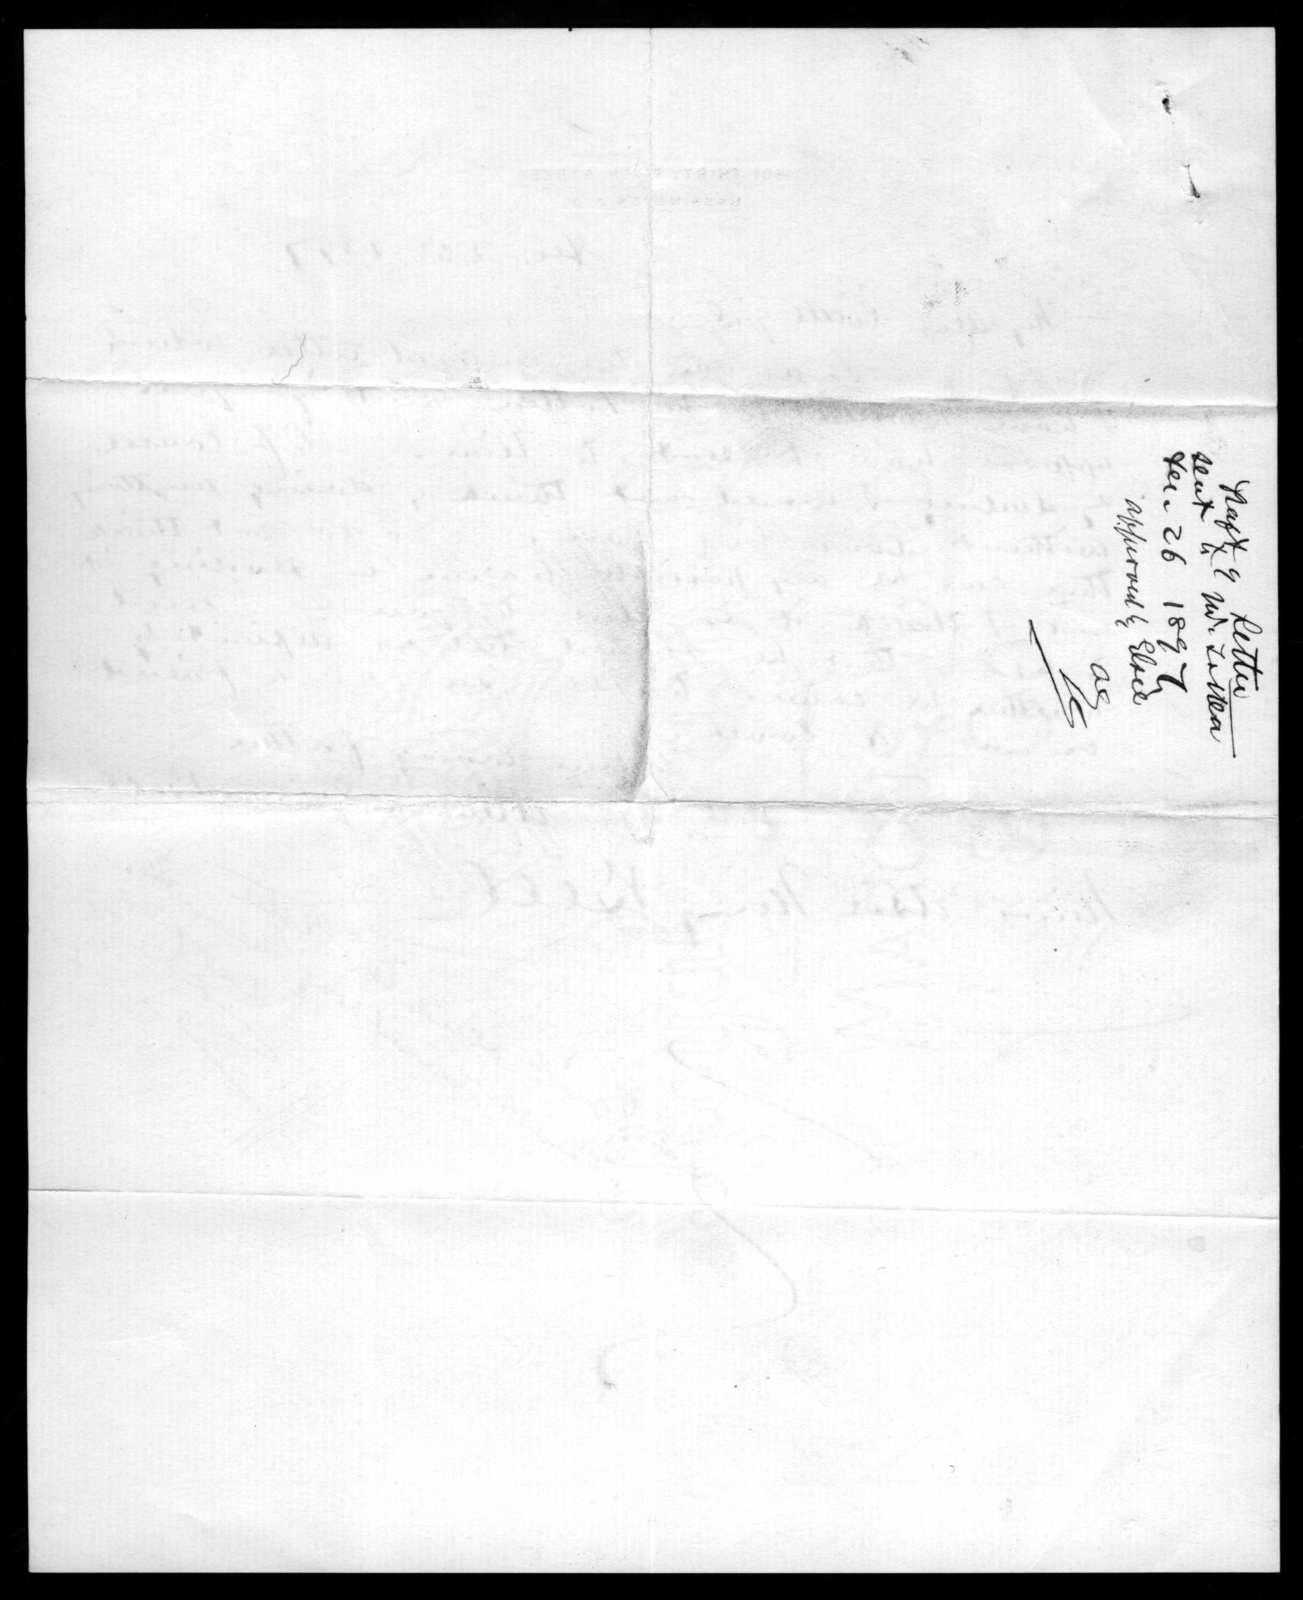 Letter from Alexander Graham Bell to Elsie Bell Grosvenor, December 25, 1897